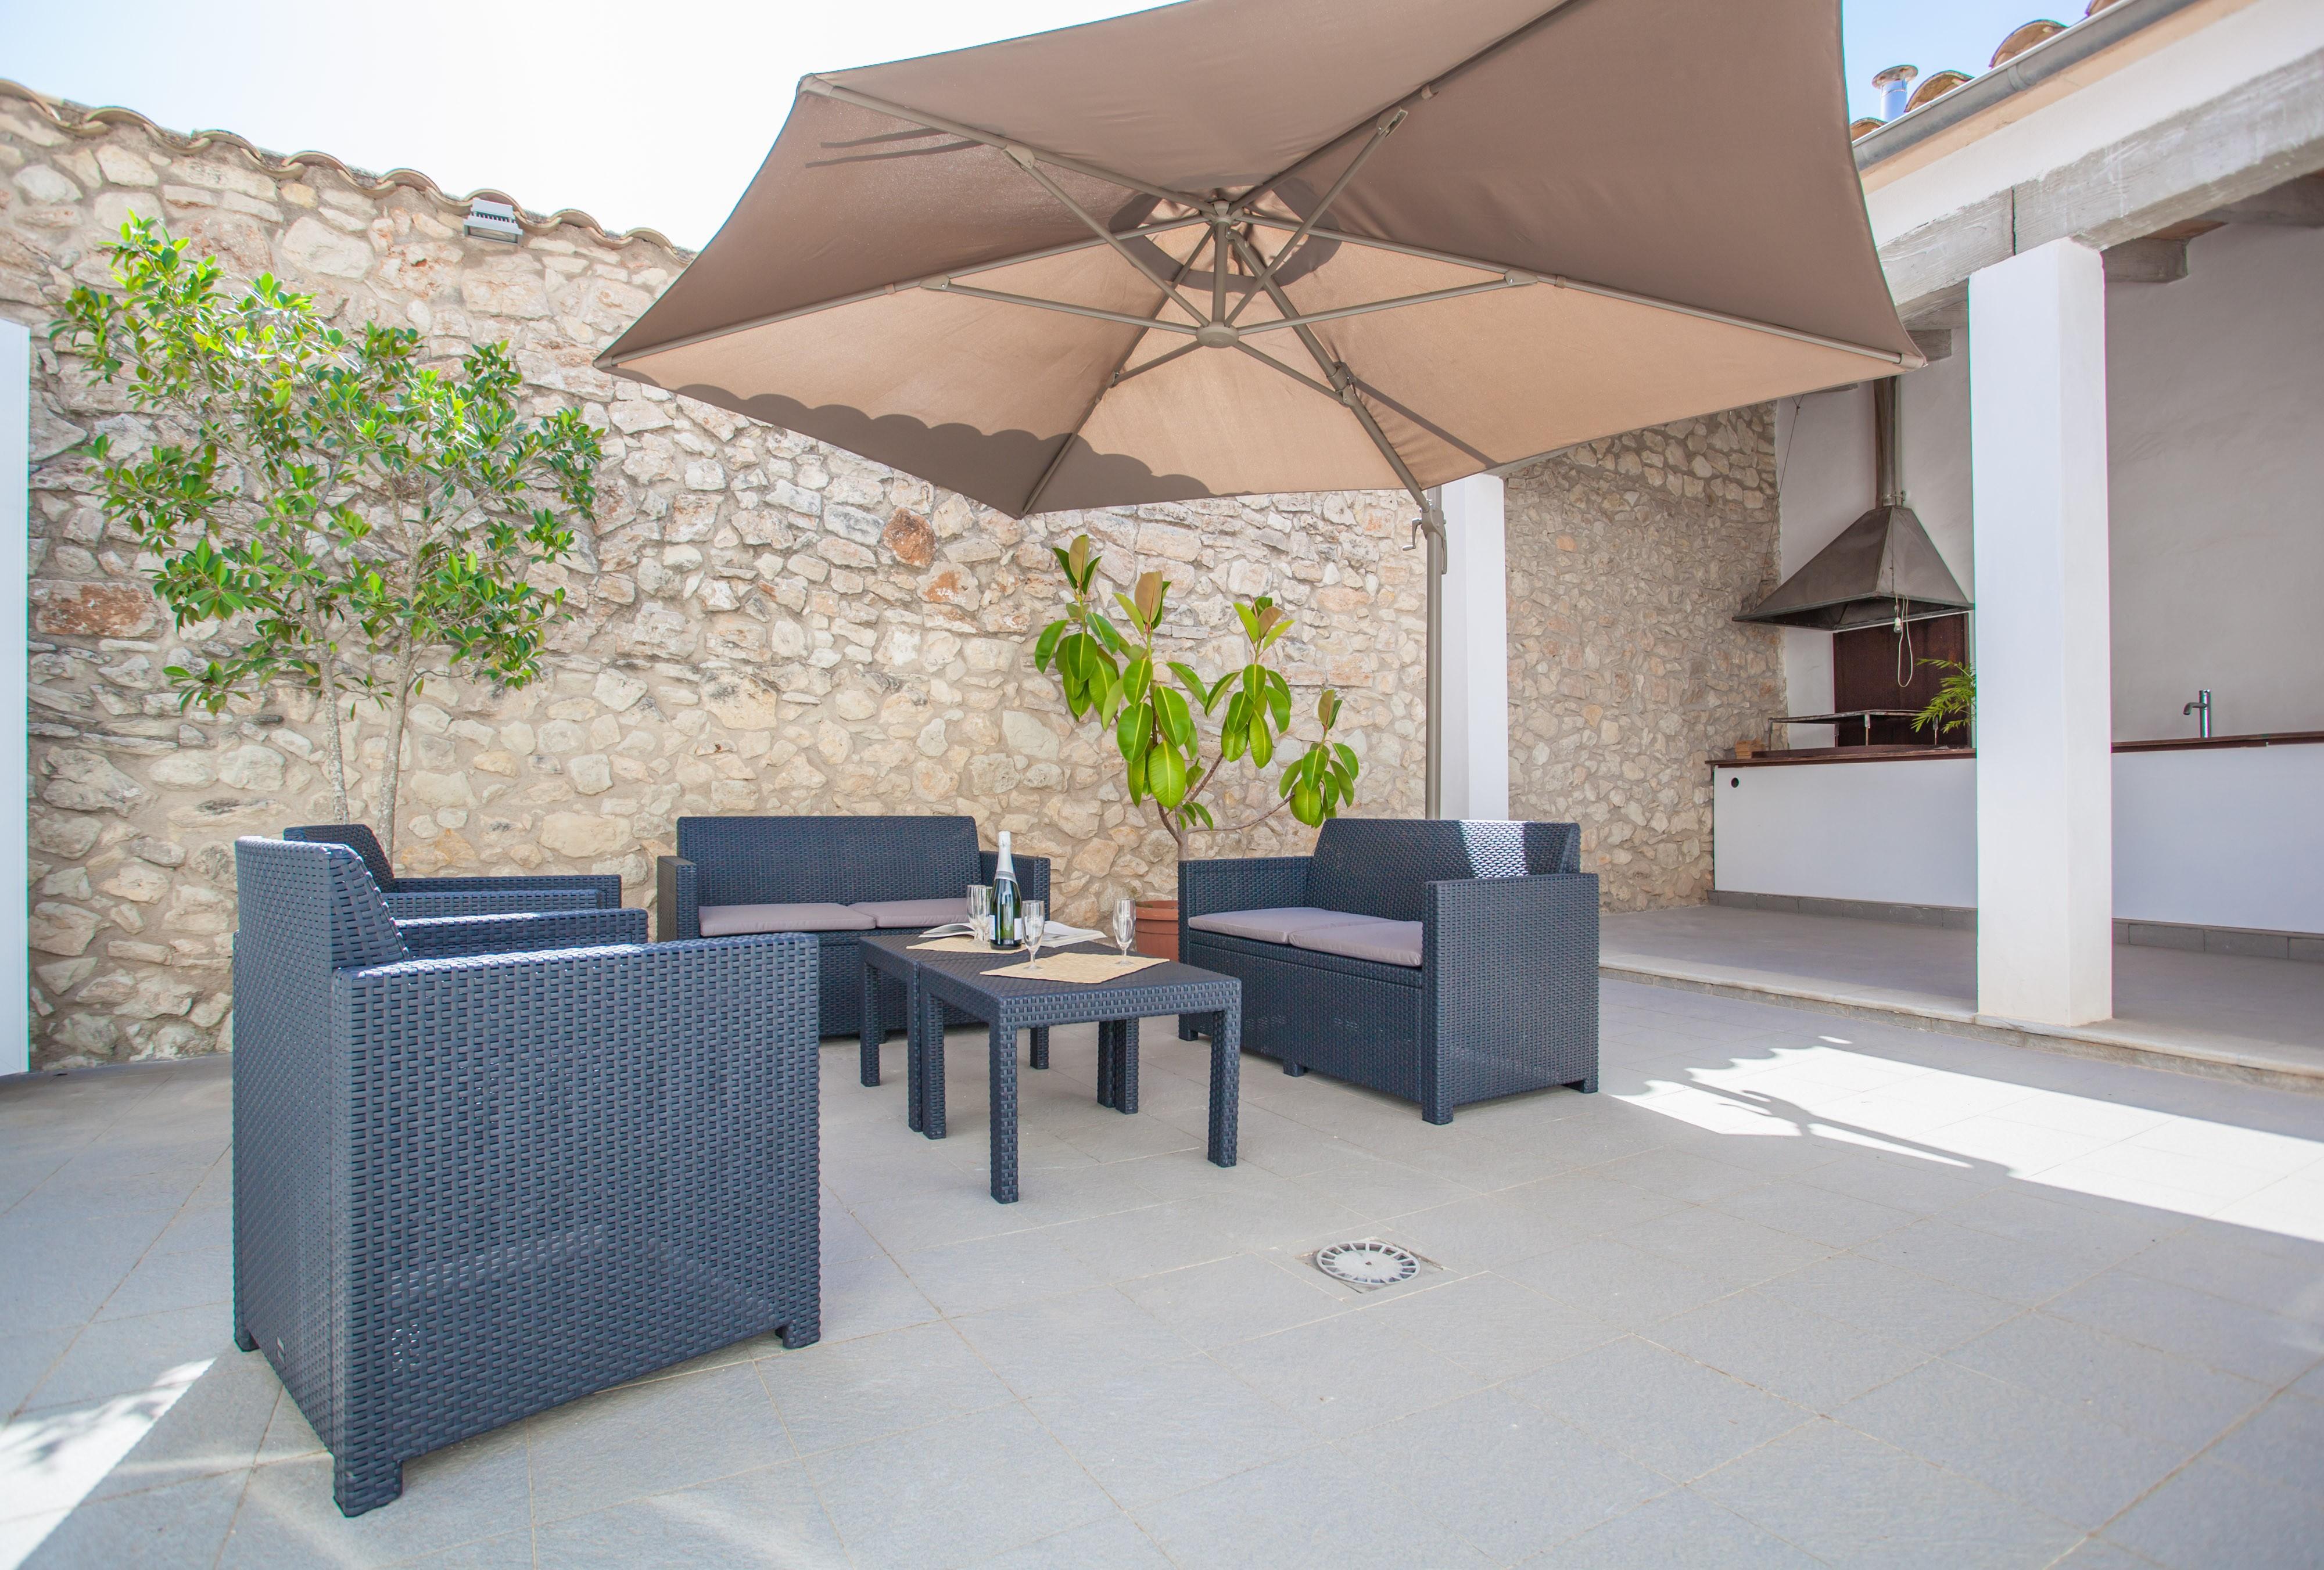 Maison de vacances CAN DOMINGO (2246405), Lloret de Vistalegre, Majorque, Iles Baléares, Espagne, image 24